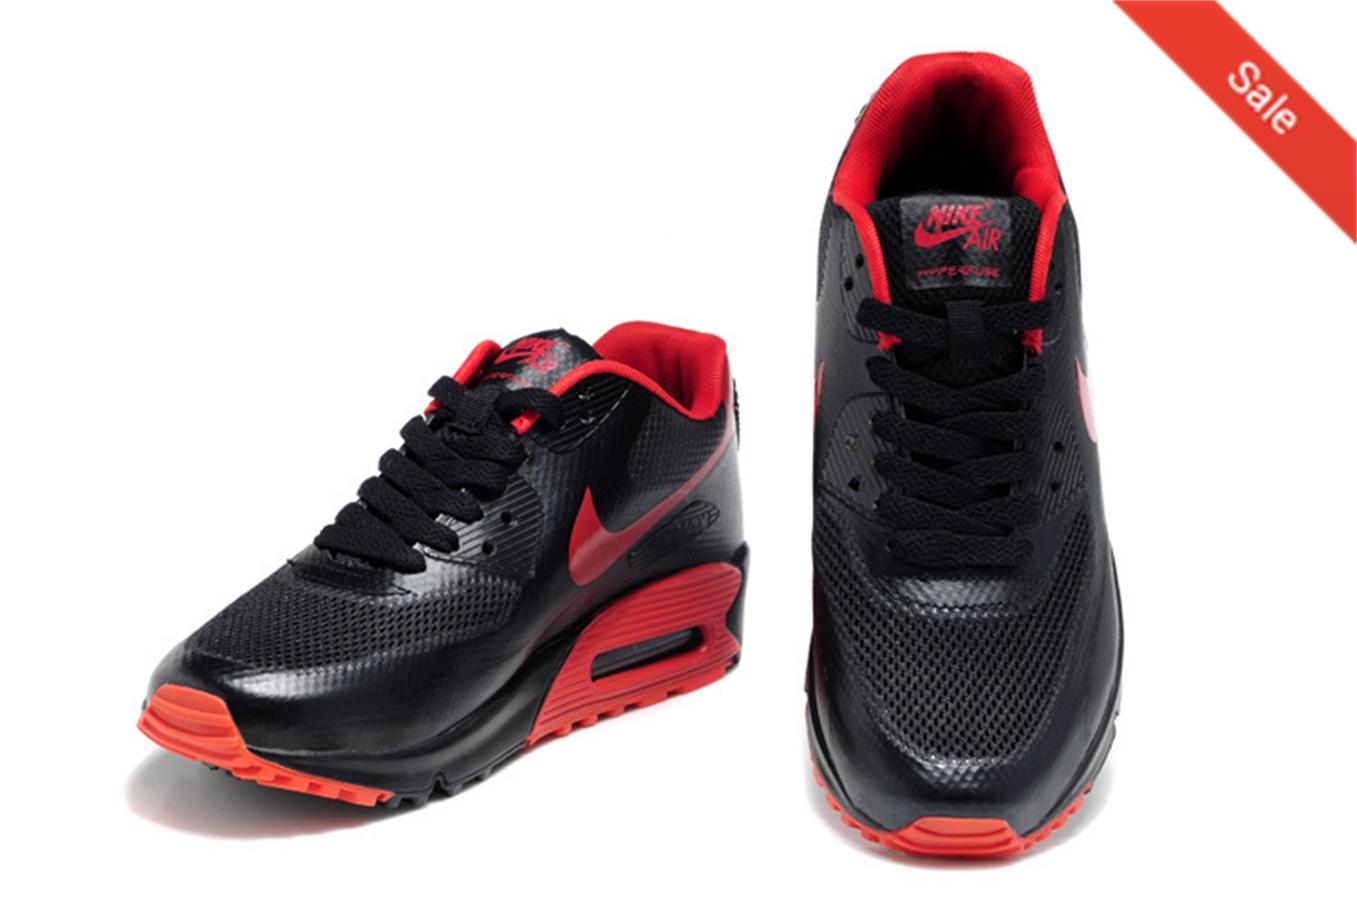 release date dcd2a 0a663 Acheter pas cher nike air max 90 hyperfuse pas cher la boutique en ligne  Nike Outlet. Les tailles sont disponibles pour toute la famille.